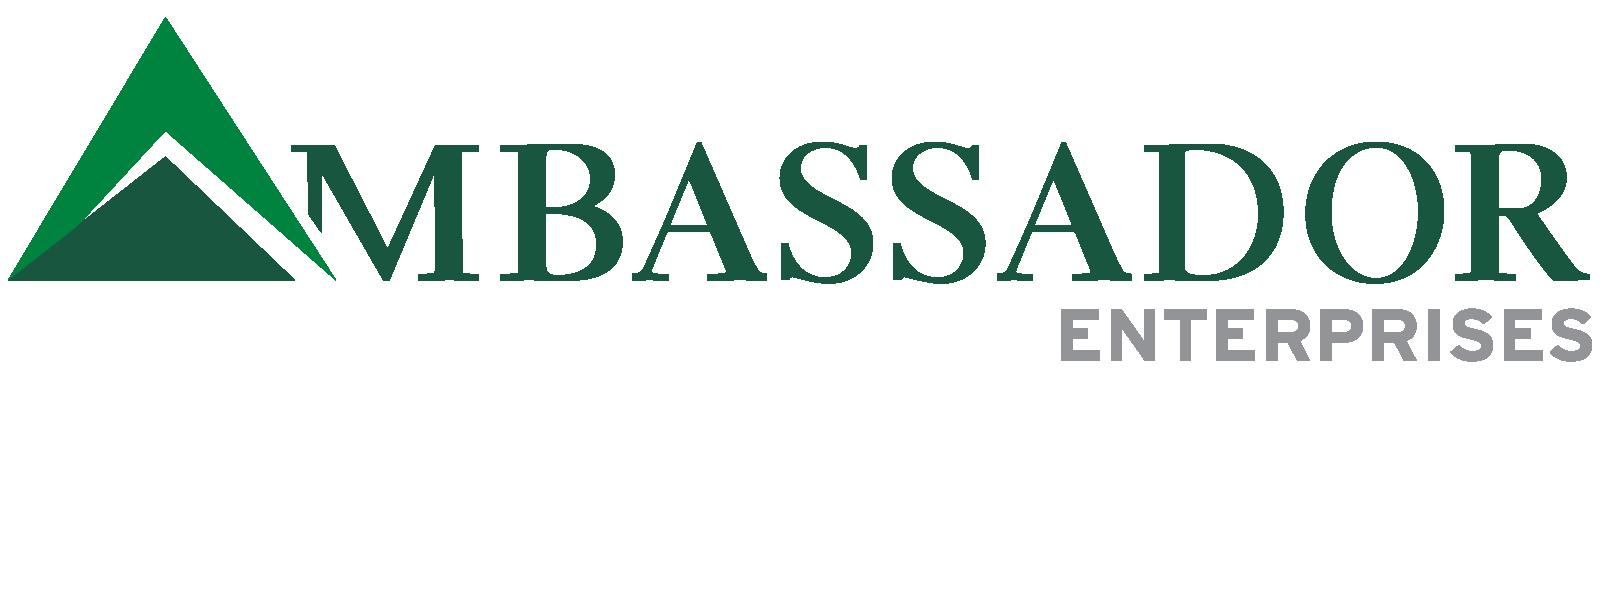 Ambassador Enterprises.png